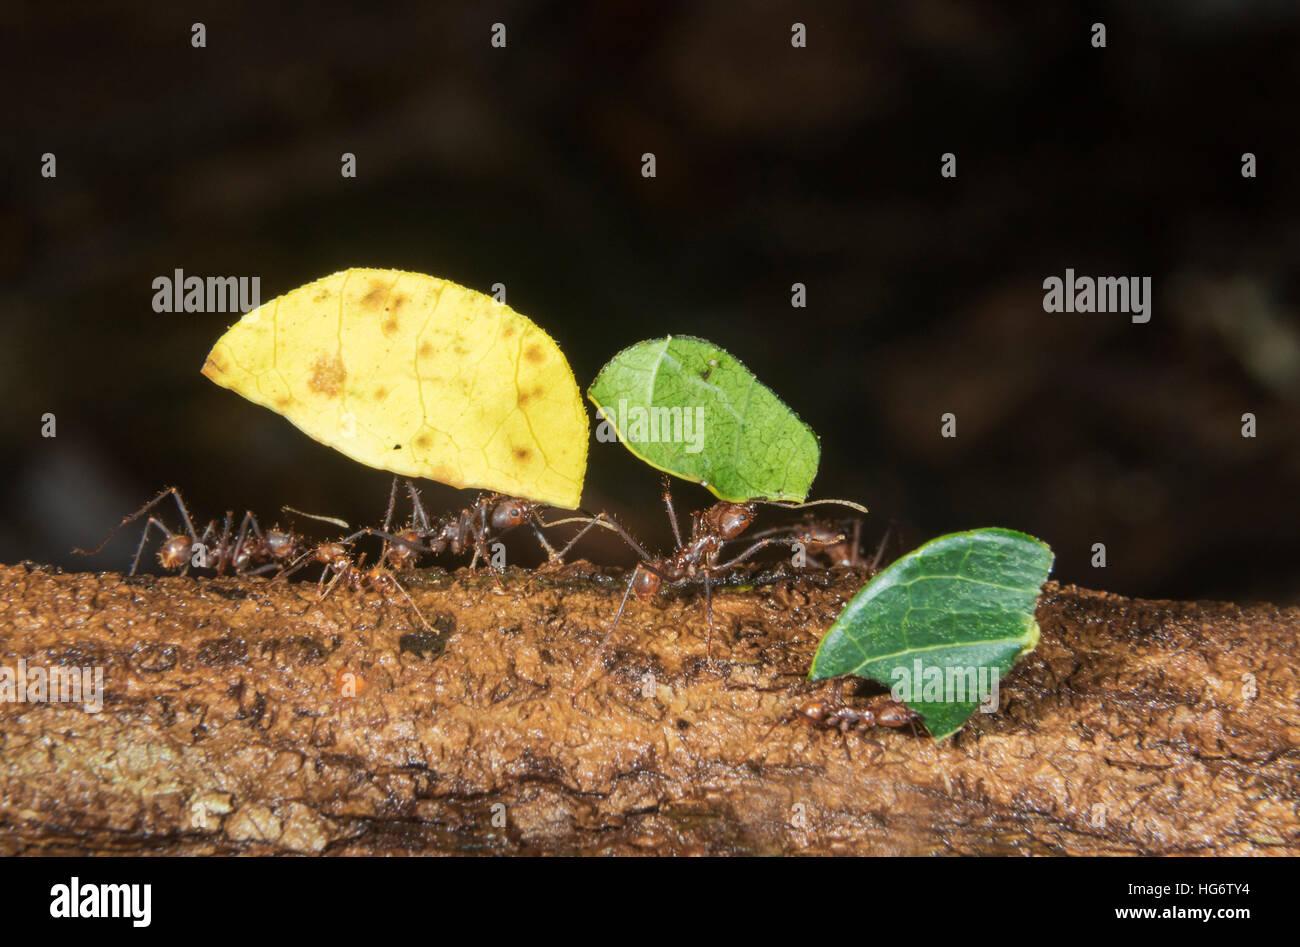 Leafcutter hormigas (Atta colombica) llevando trozos de hojas, Belice, Centroamérica Imagen De Stock